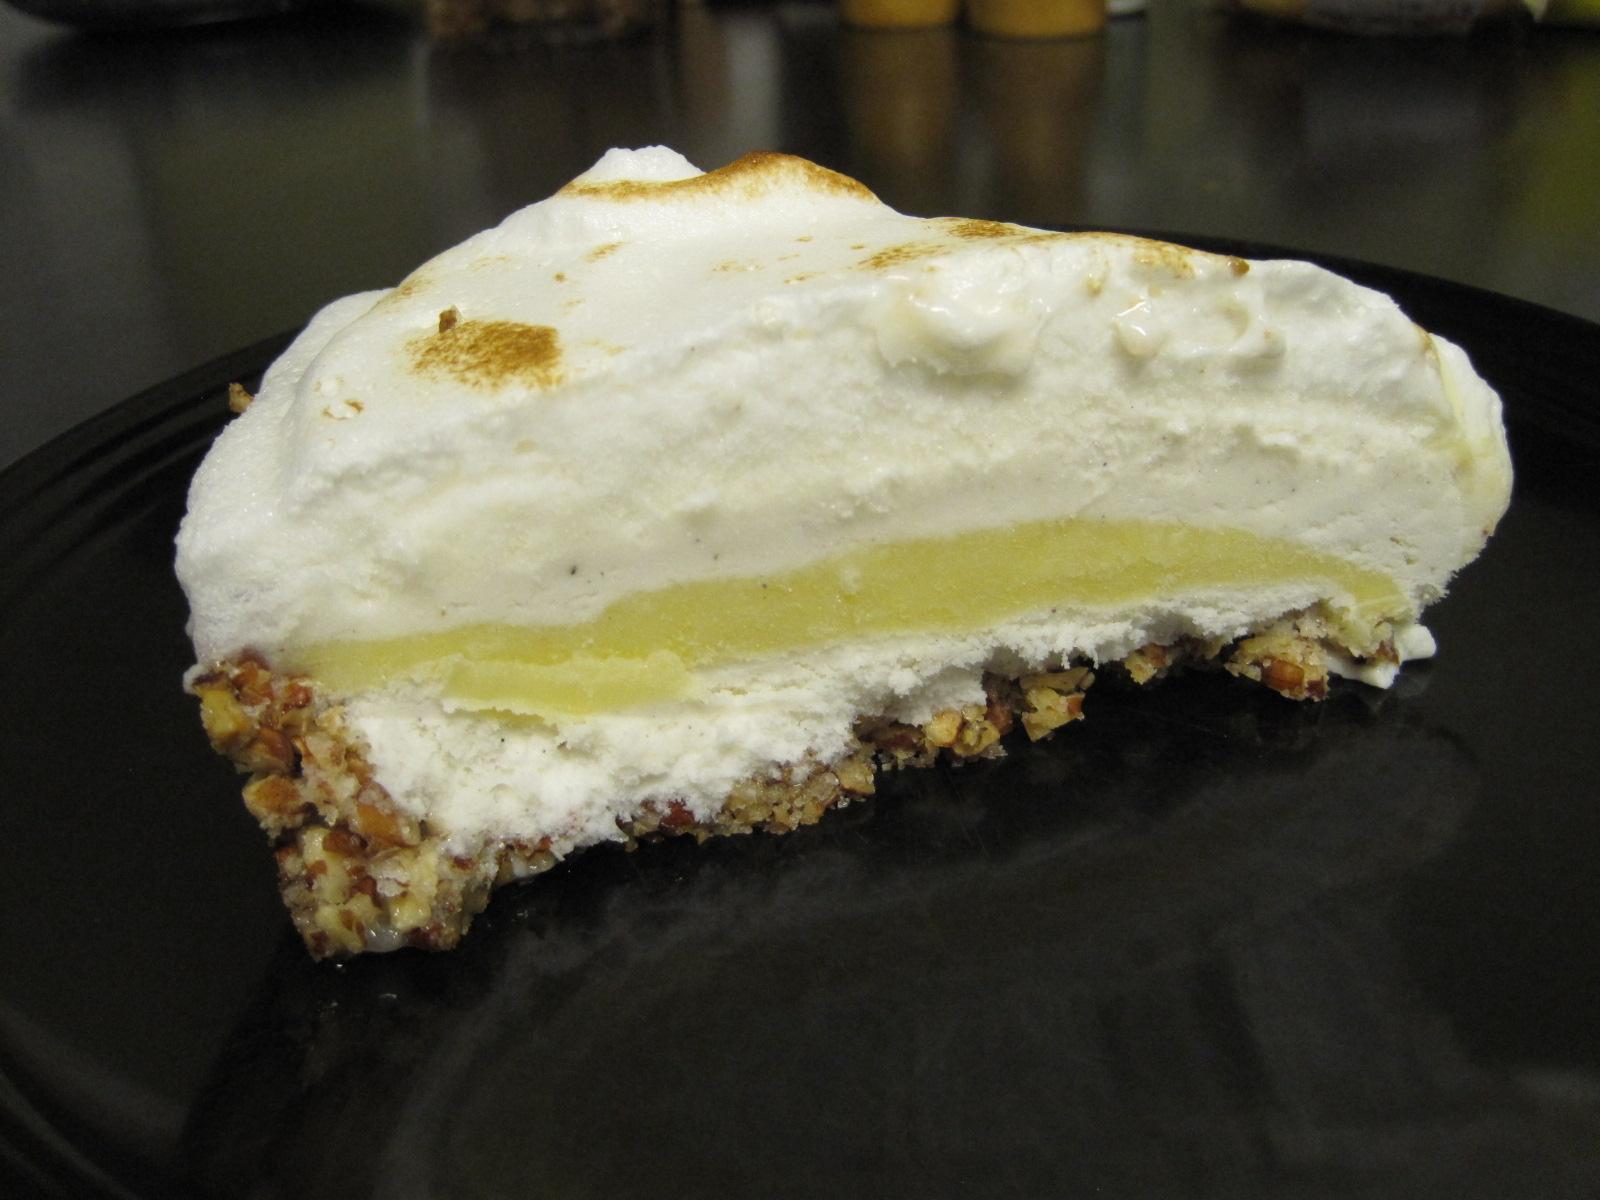 Lemon Meringue Ice Cream Pie In Toasted Pecan Crust Recipes ...